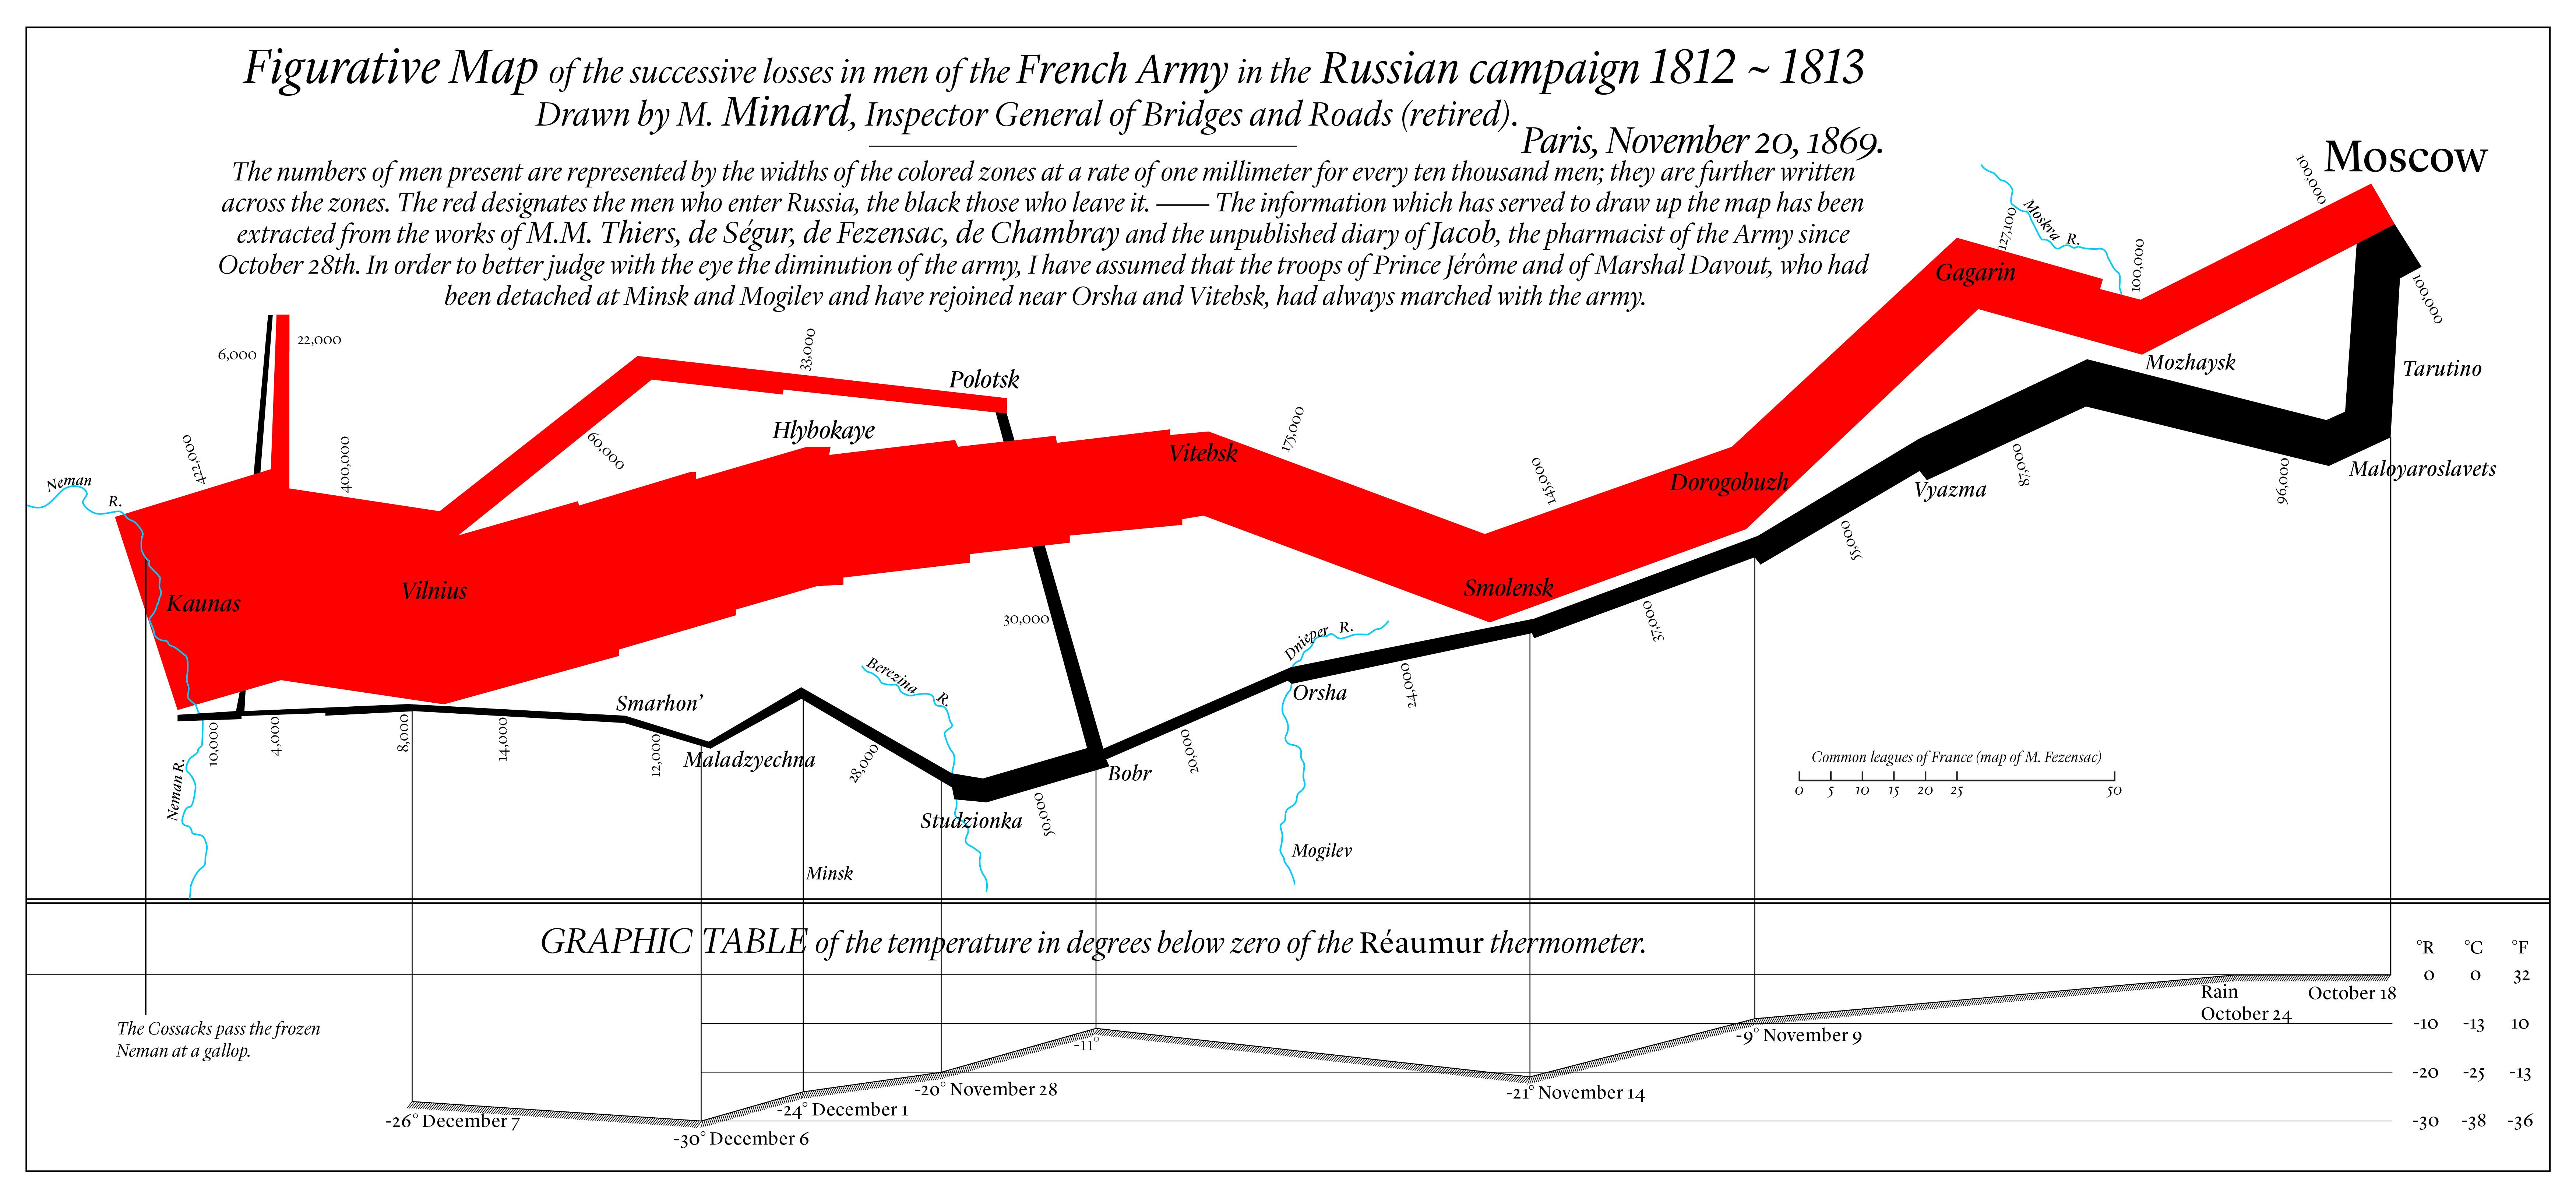 [English translation of Minard's map](https://commons.wikimedia.org/wiki/File:Minard_Update.png)